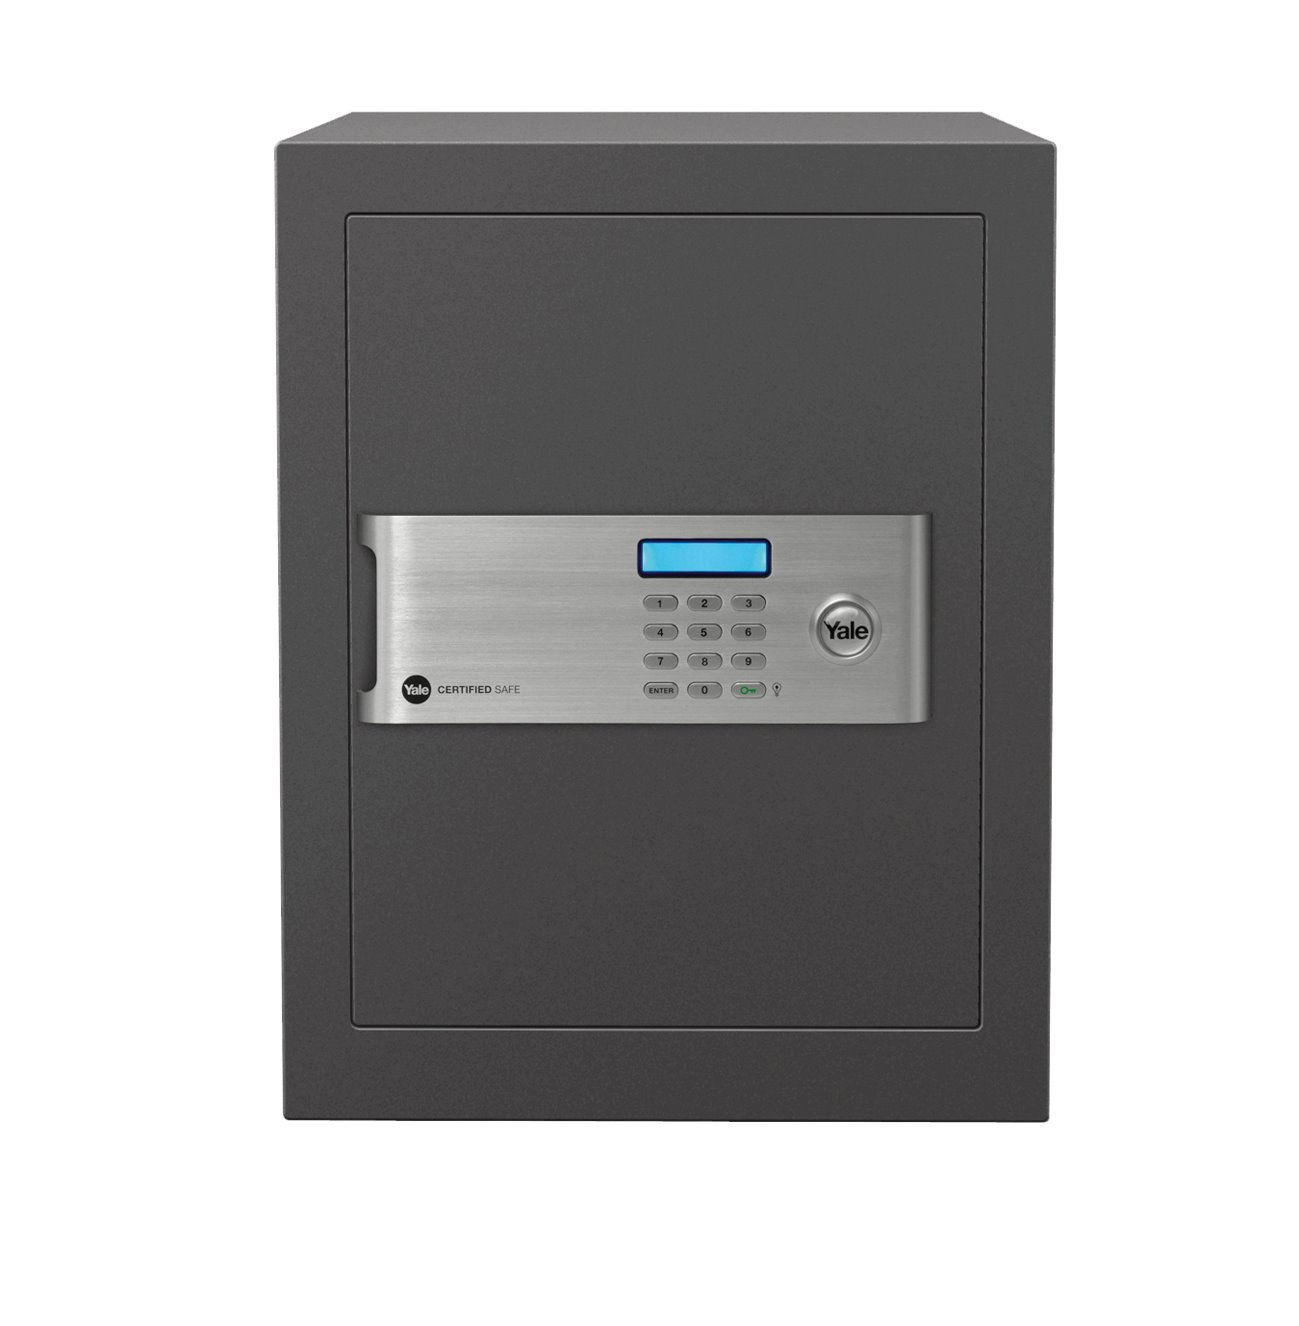 YSM/400/EG1 - Office Safe